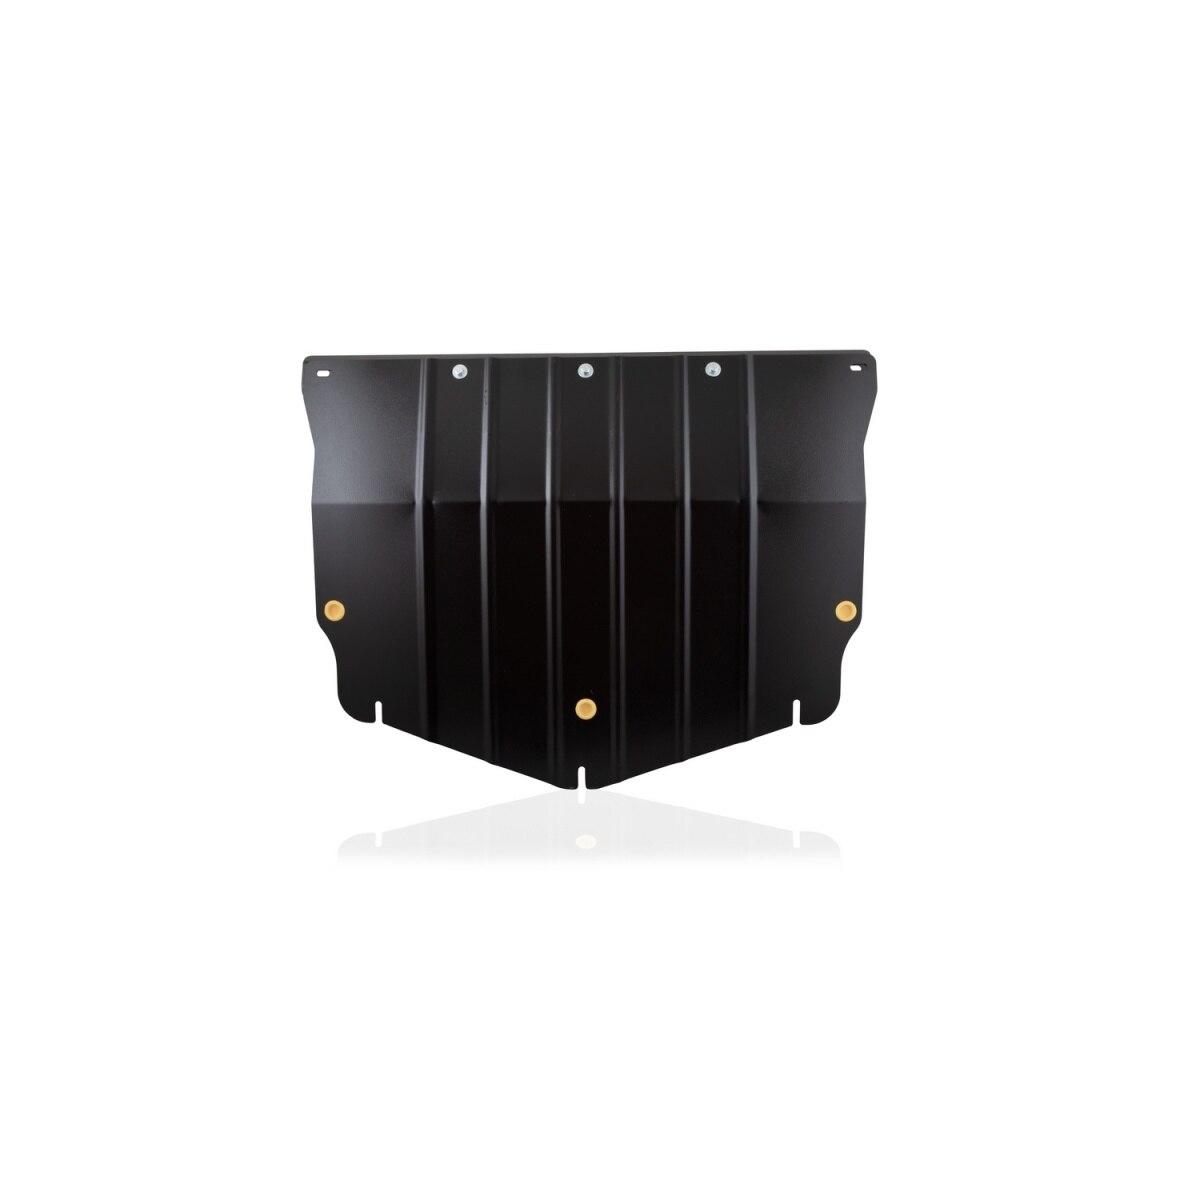 ZK fasteners  suitable for Volkswagen Teramont (18) 2 0/3 6/bin. At 4WD (Volkswagen) - title=